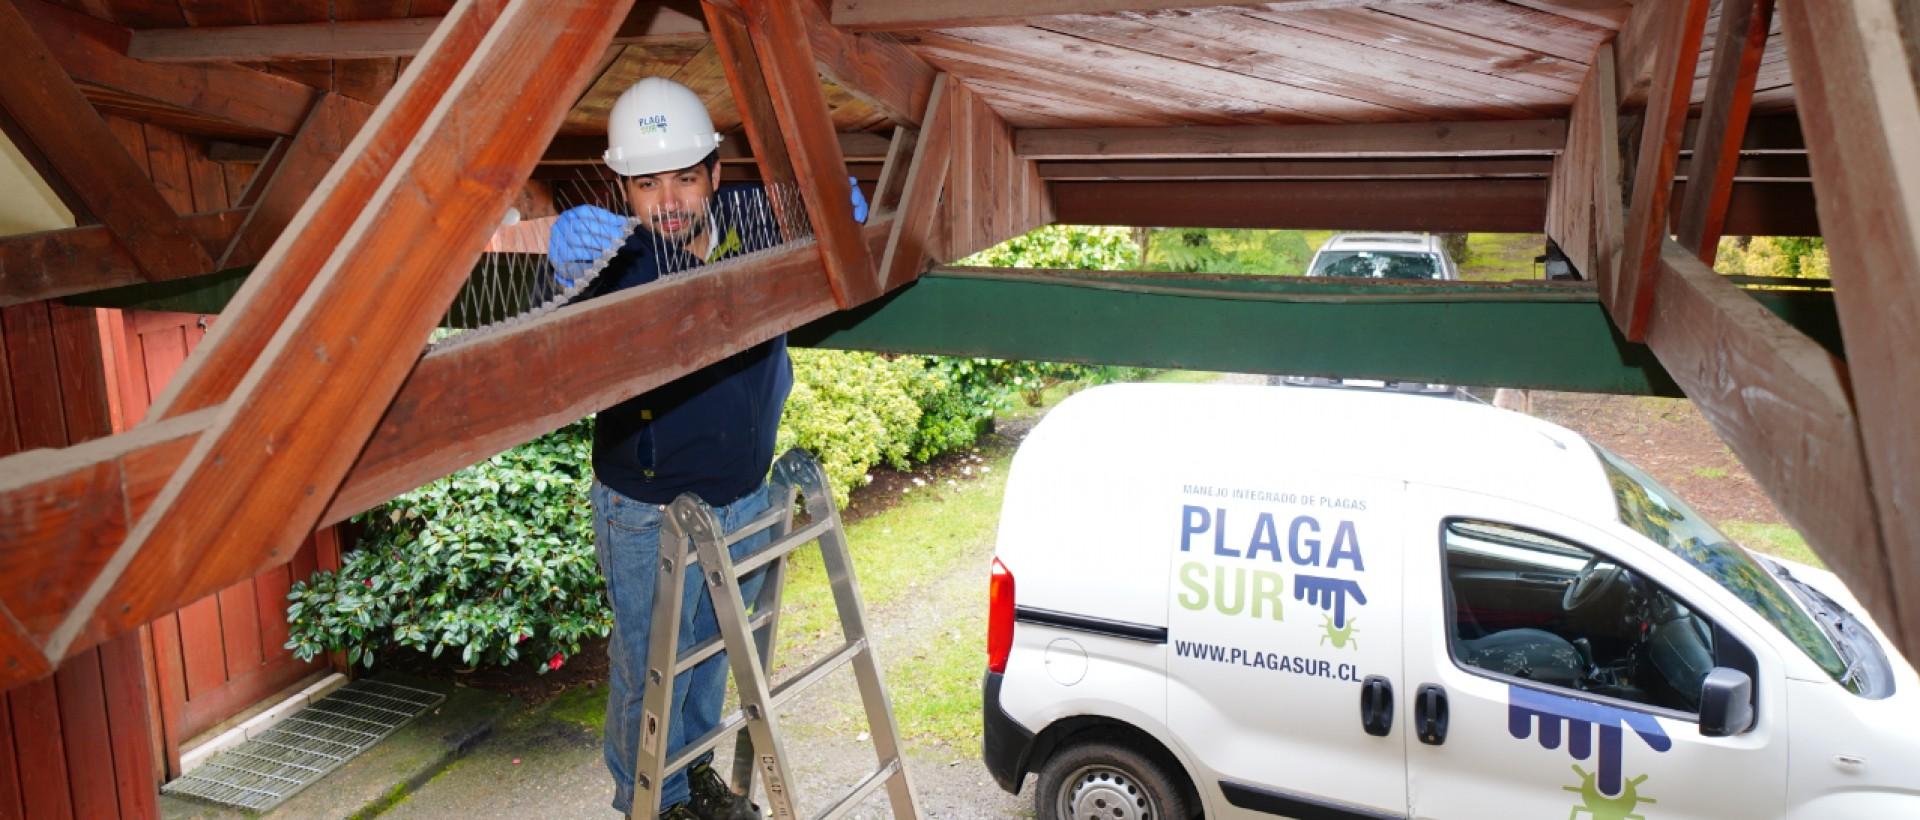 PLAGASUR®   Control de Plagas en Puerto Montt - Puerto Varas - Osorno - Castro   Control de palomas y murciélagos